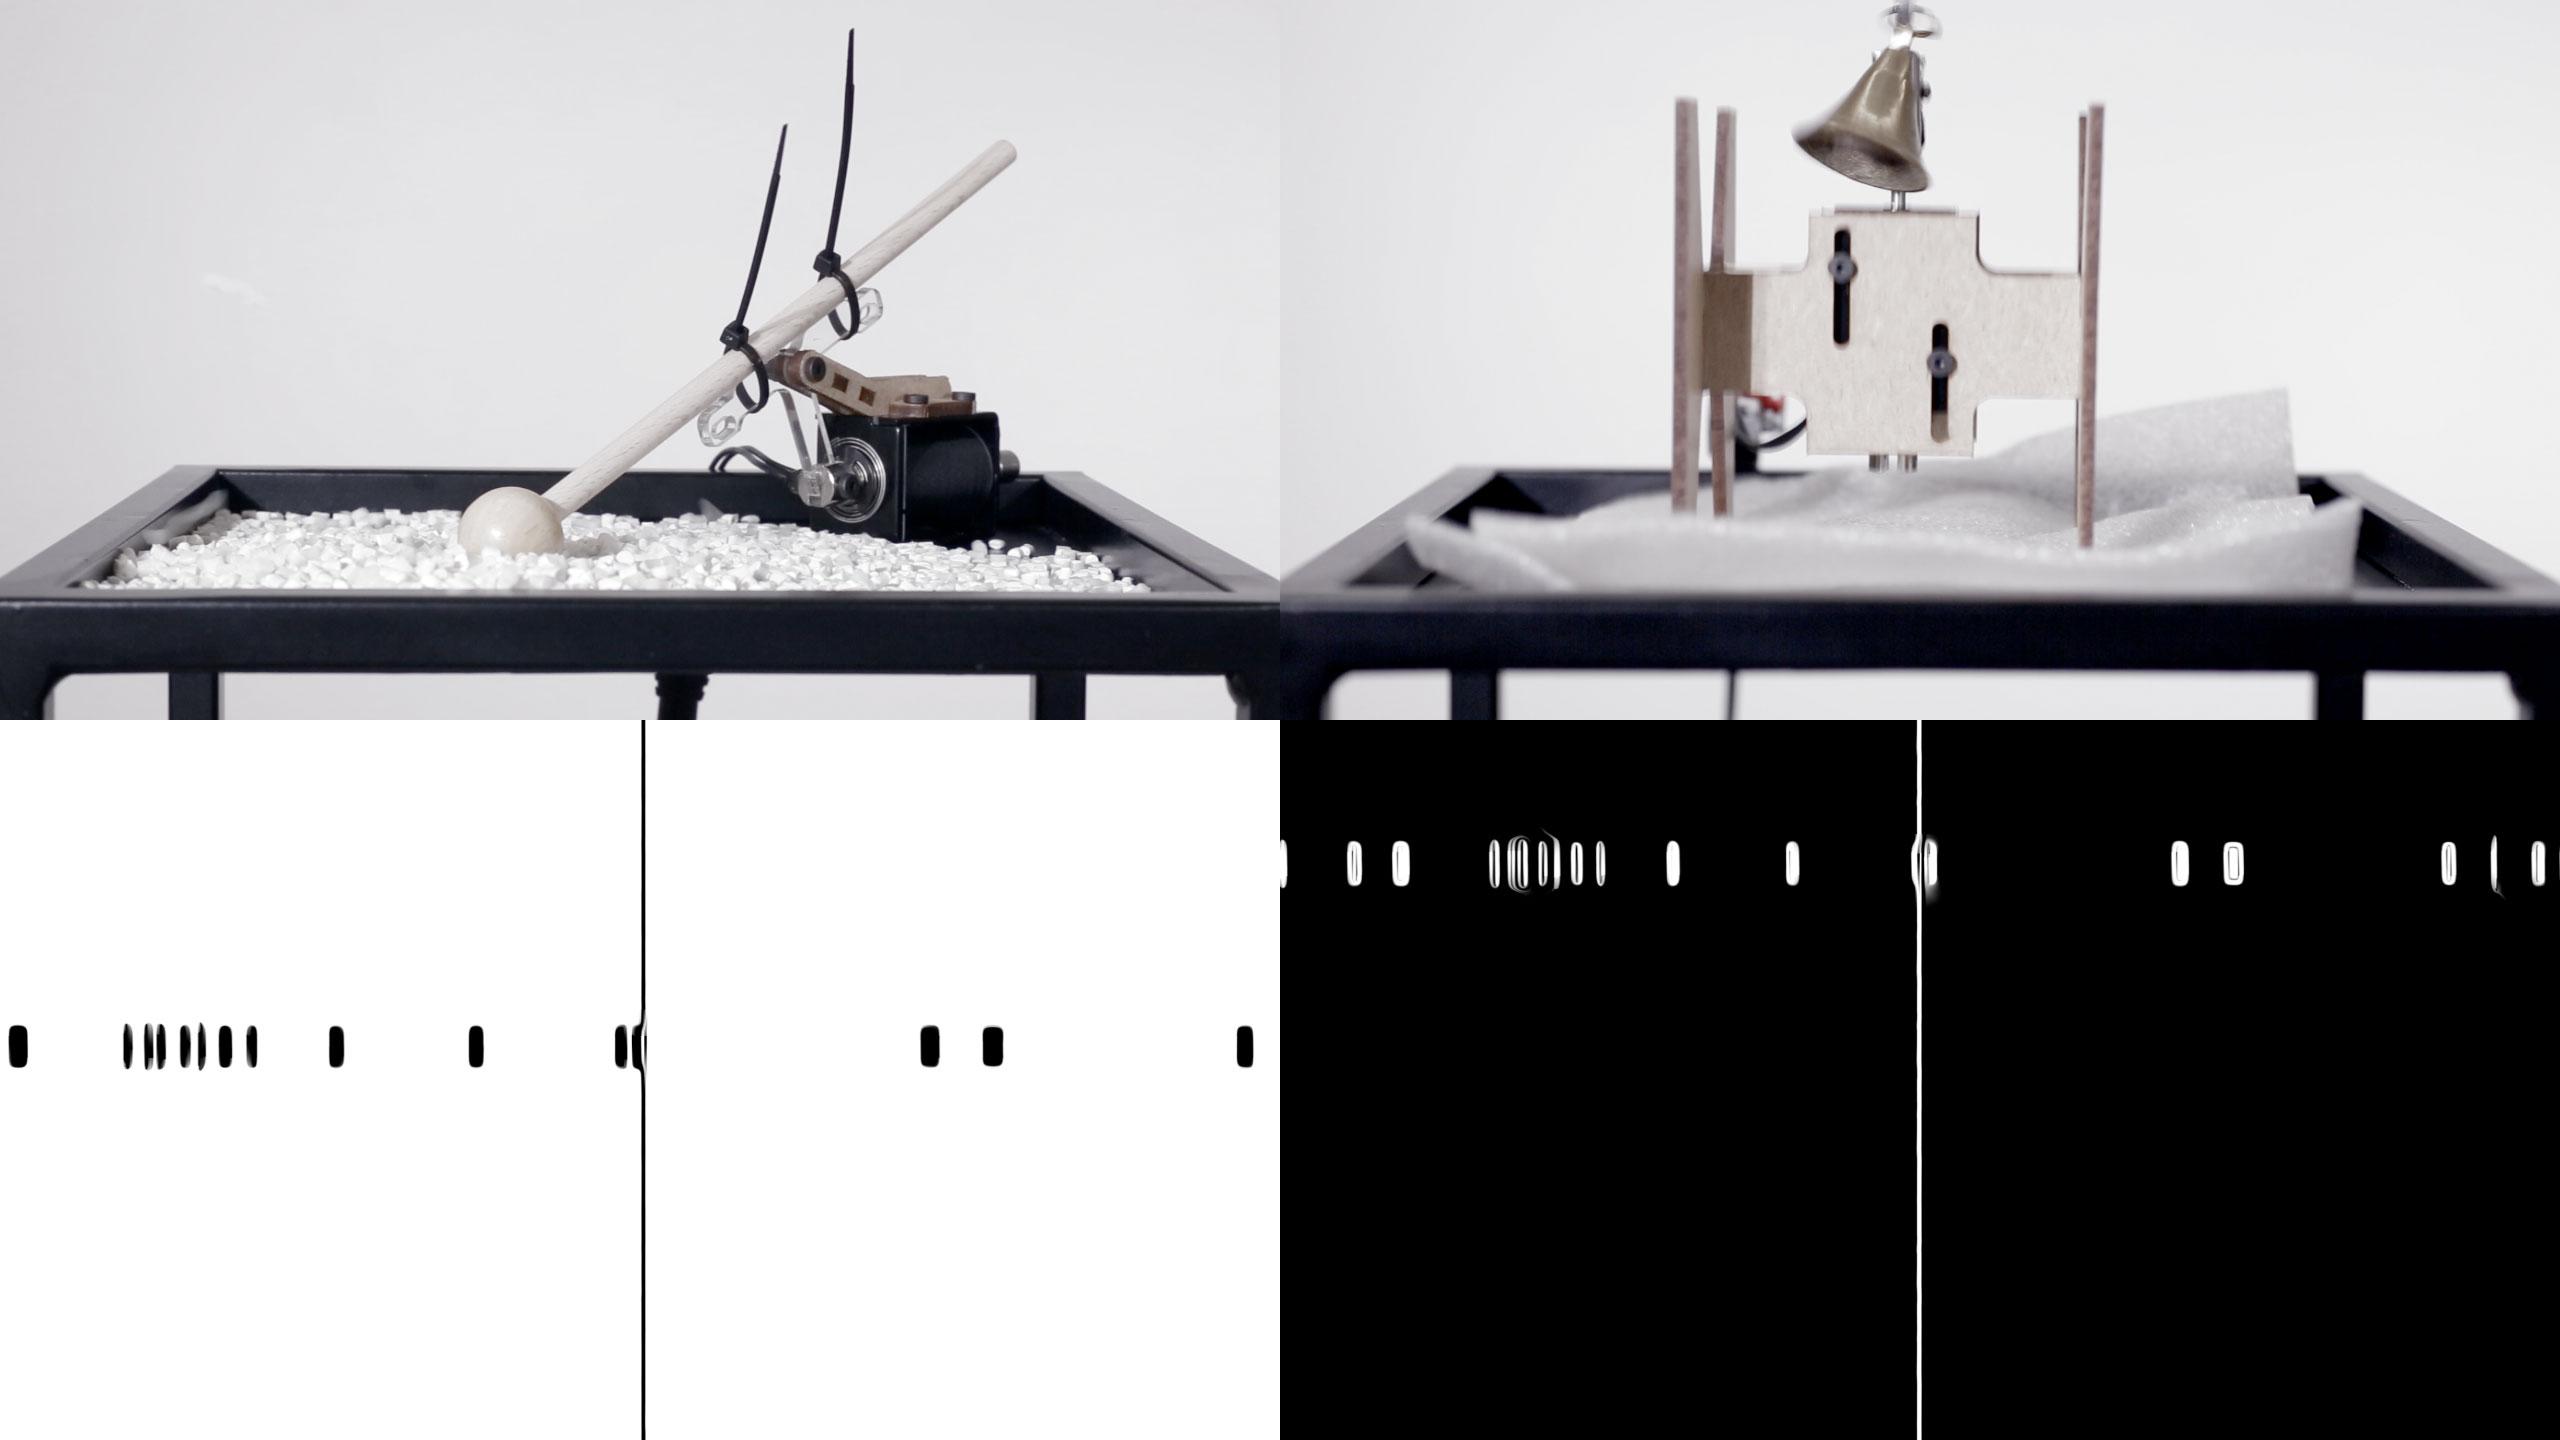 Jacek Doroszenko - Metascore of new gestures - video 02